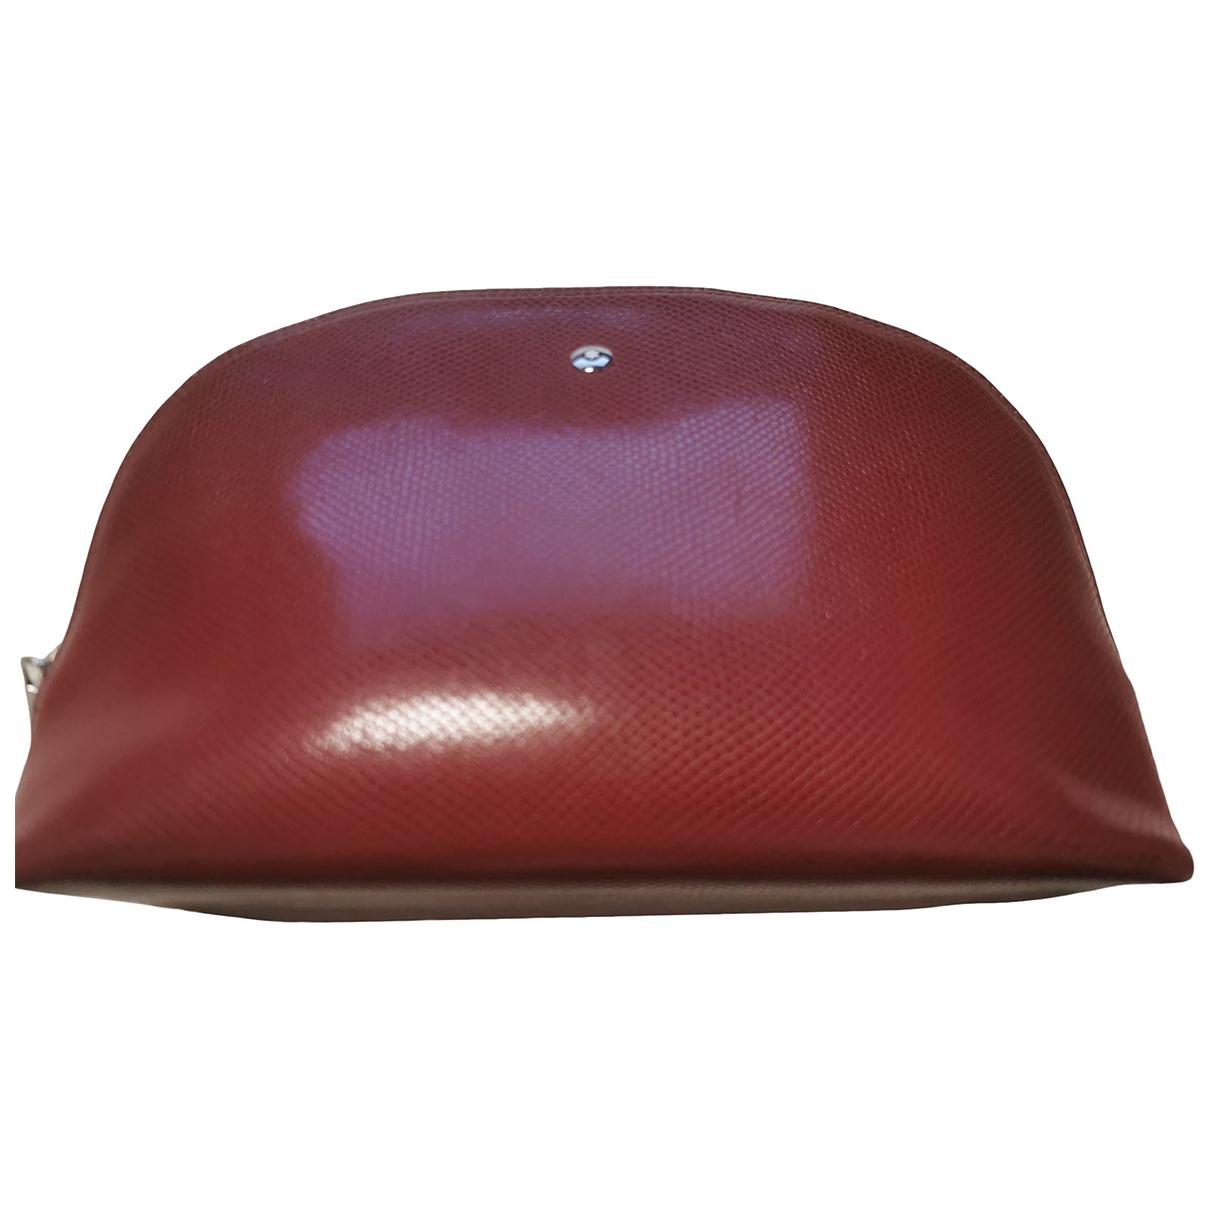 Montblanc - Petite maroquinerie   pour femme en cuir - bordeaux